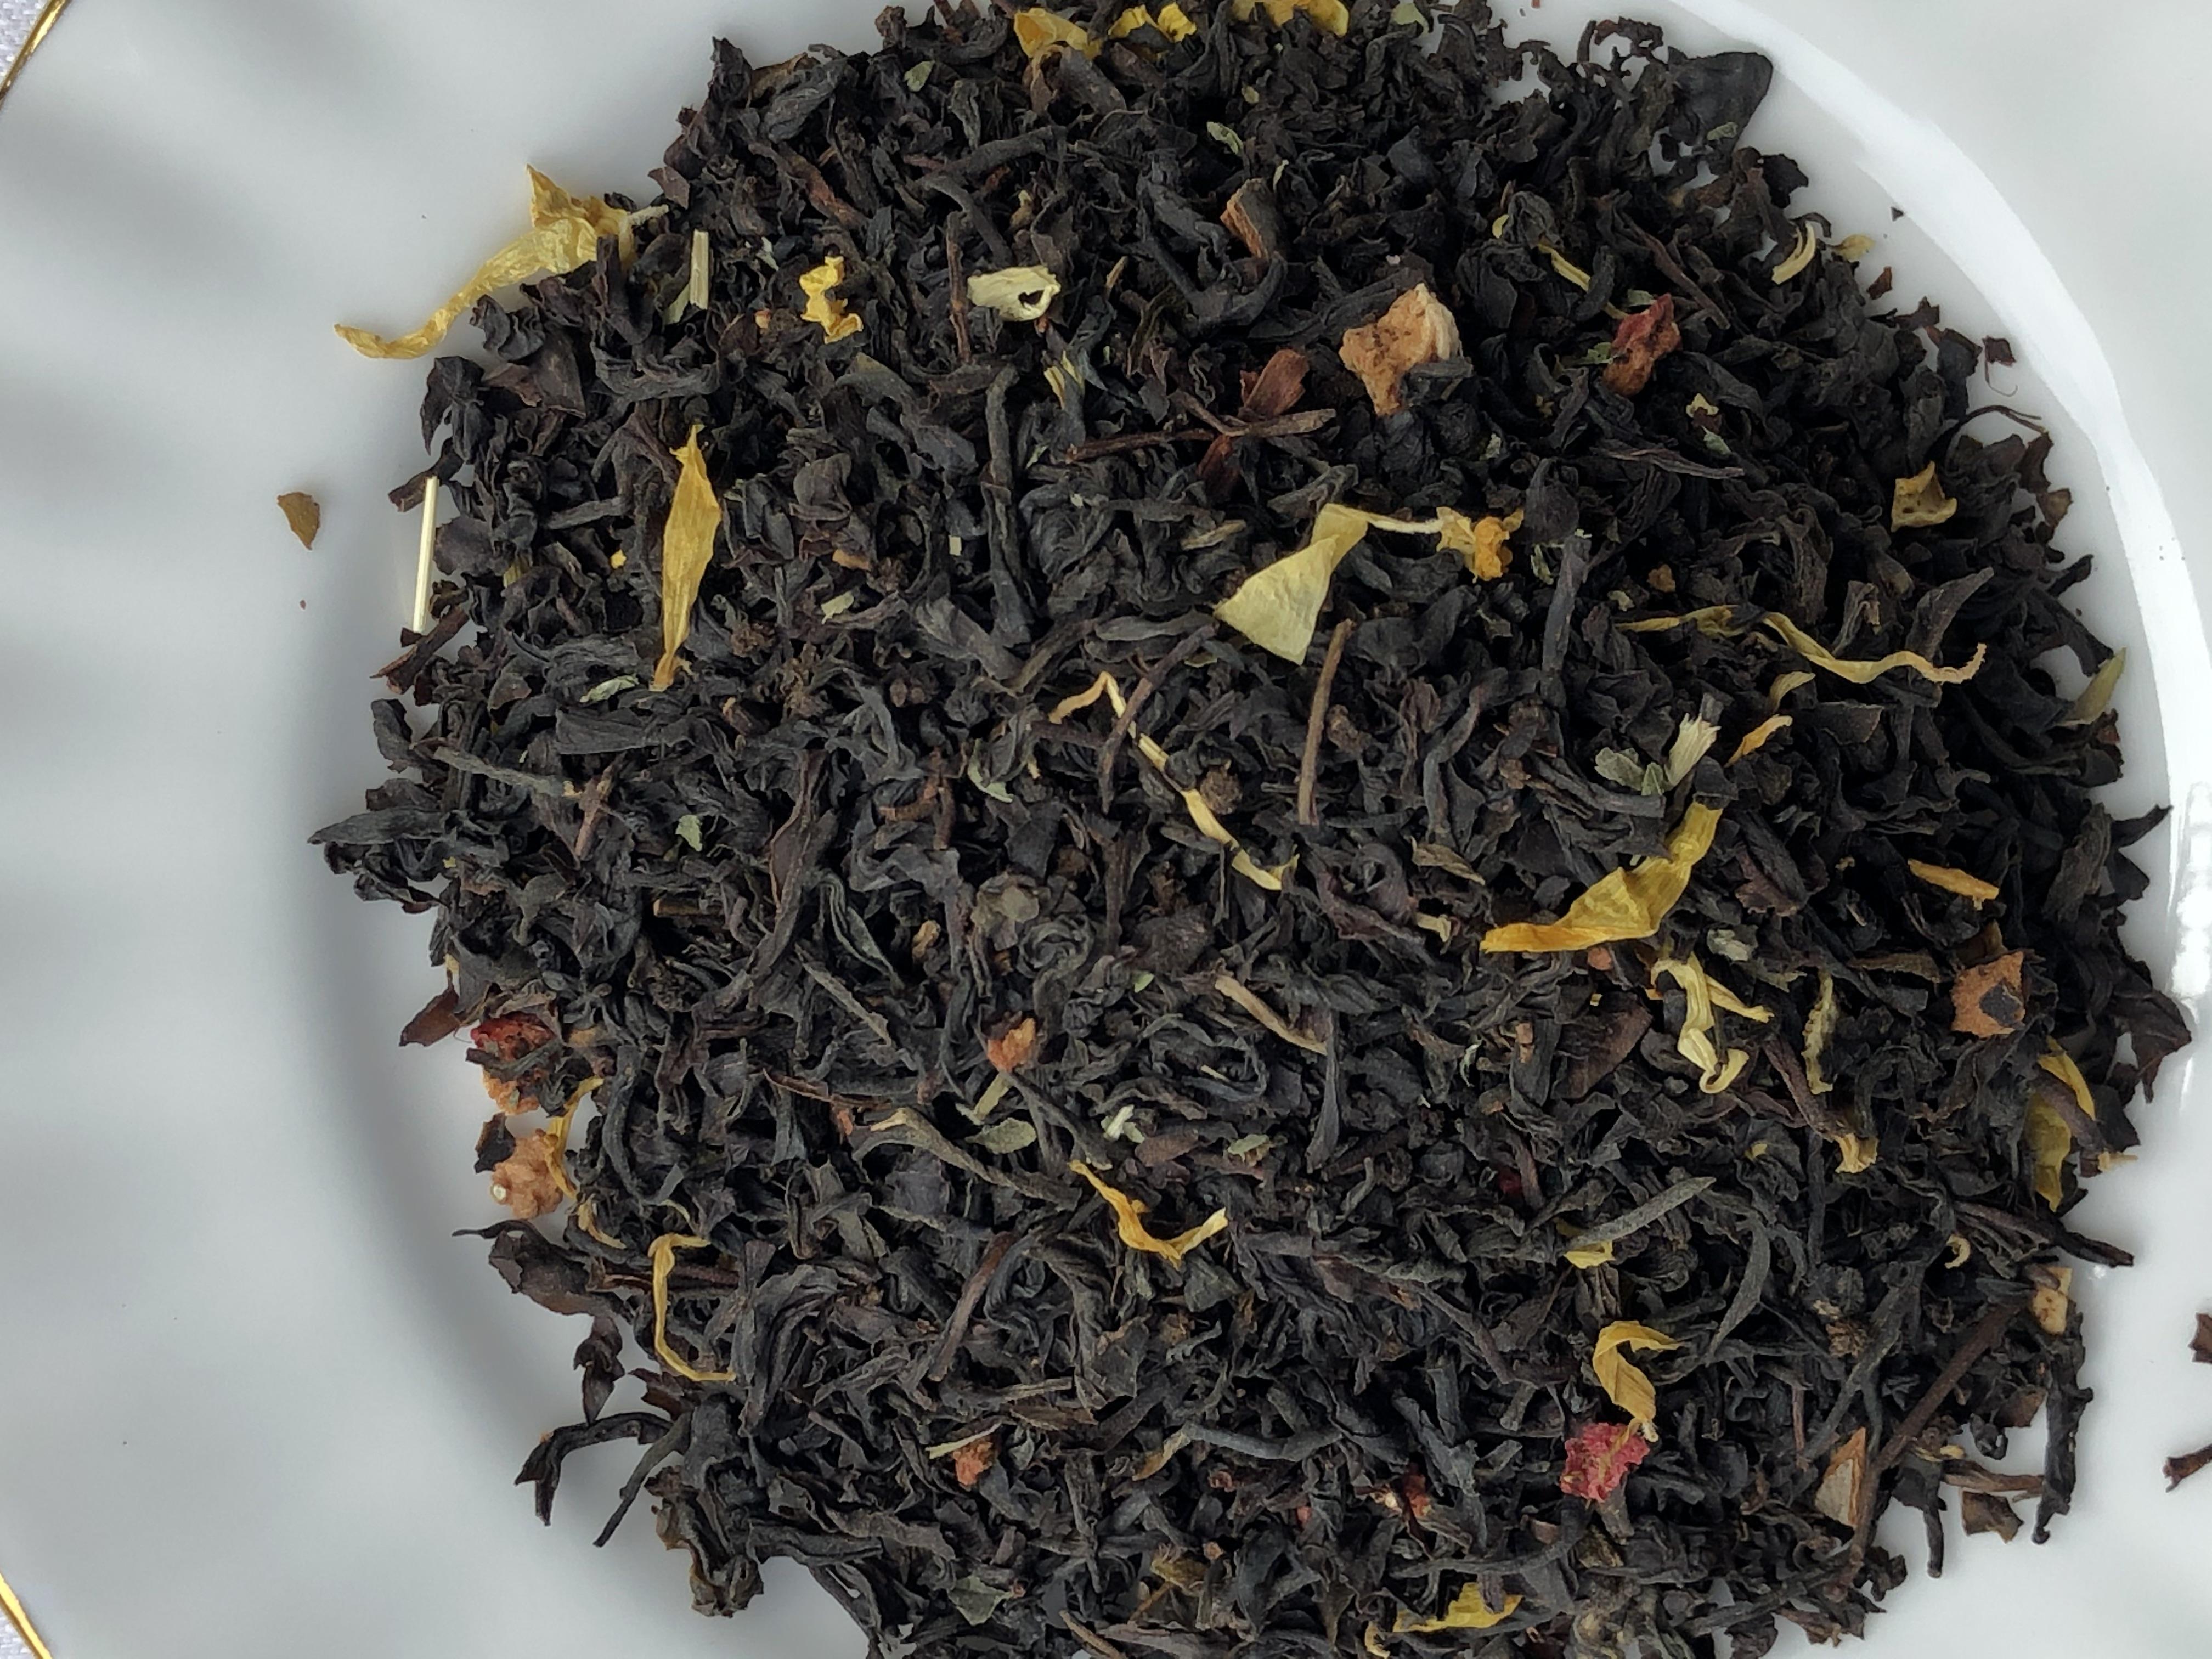 Lady tea